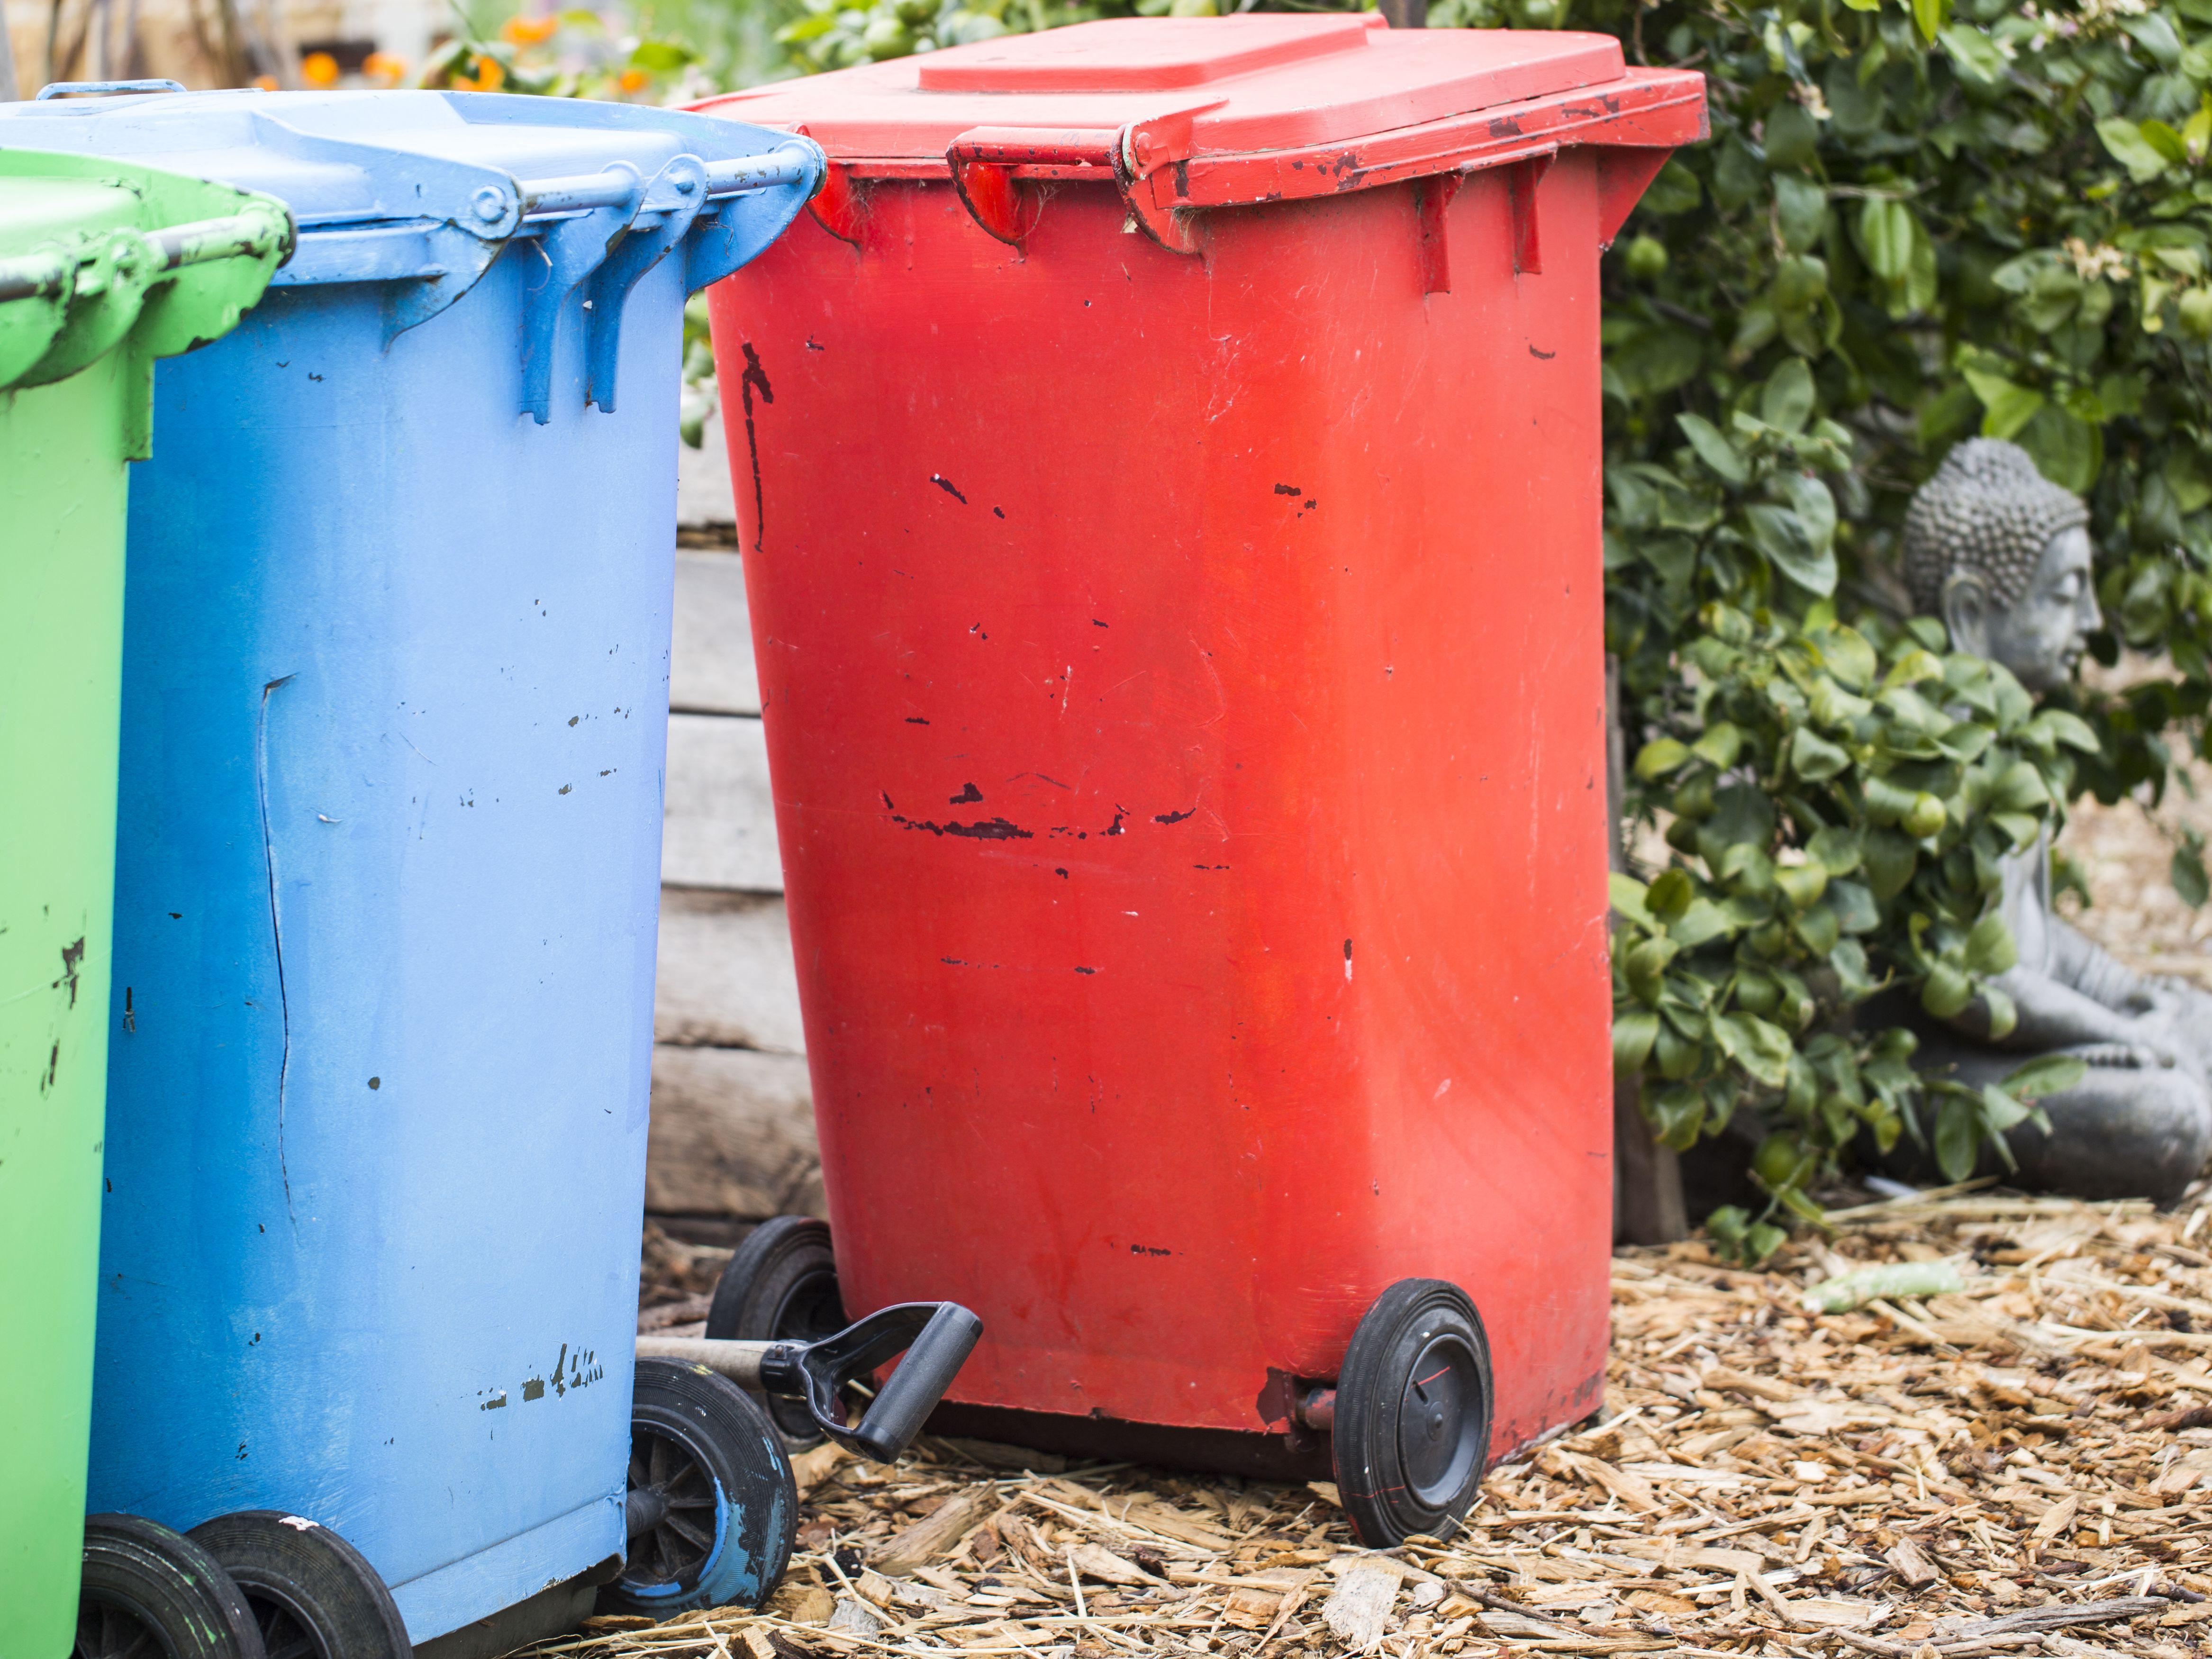 7 ways to decrease trash and make trash management easier